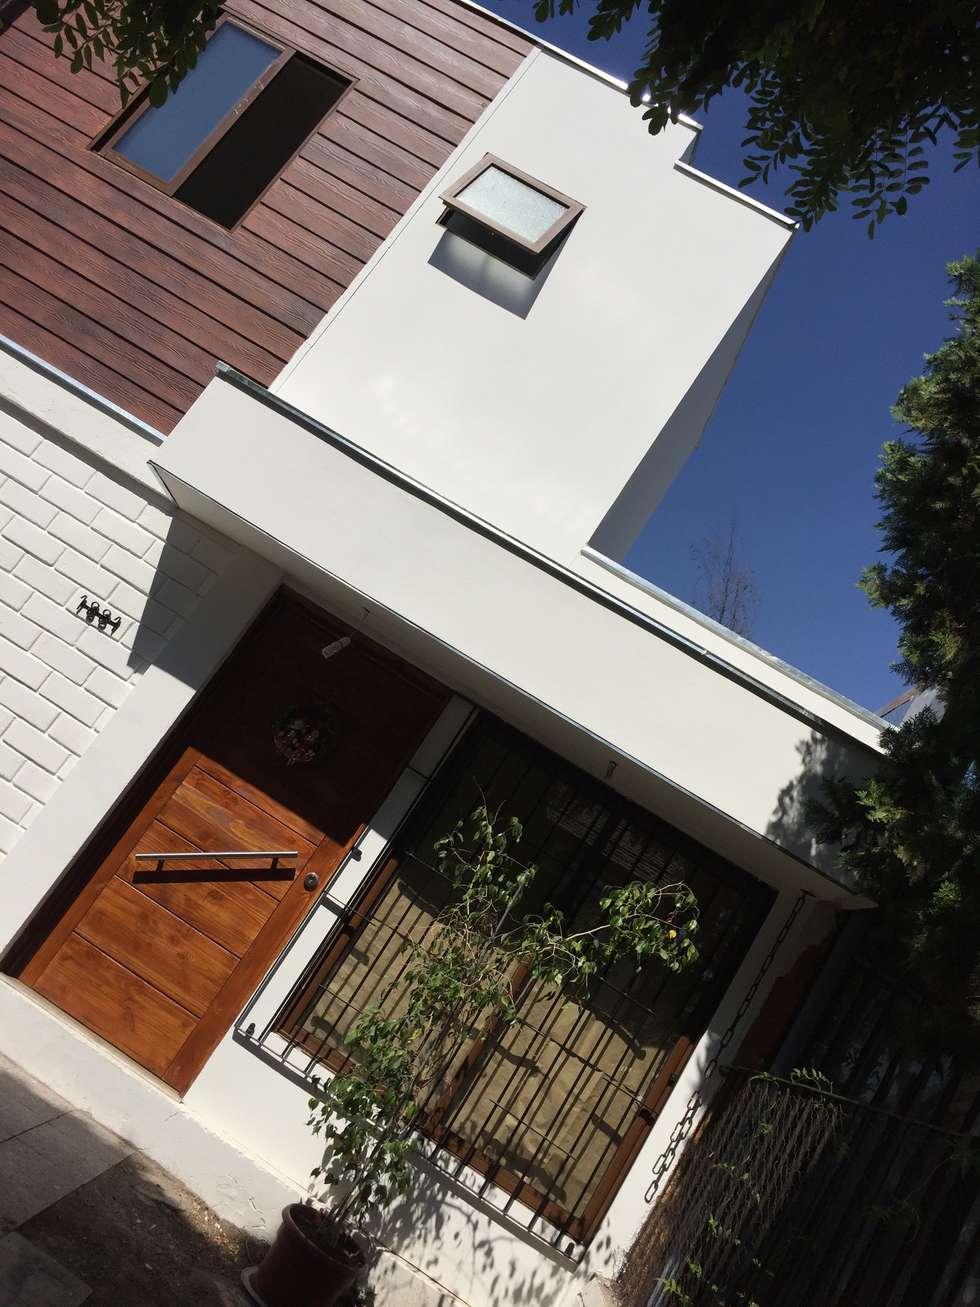 puerta acceso con protección : Casas unifamiliares de estilo  por Arqsol